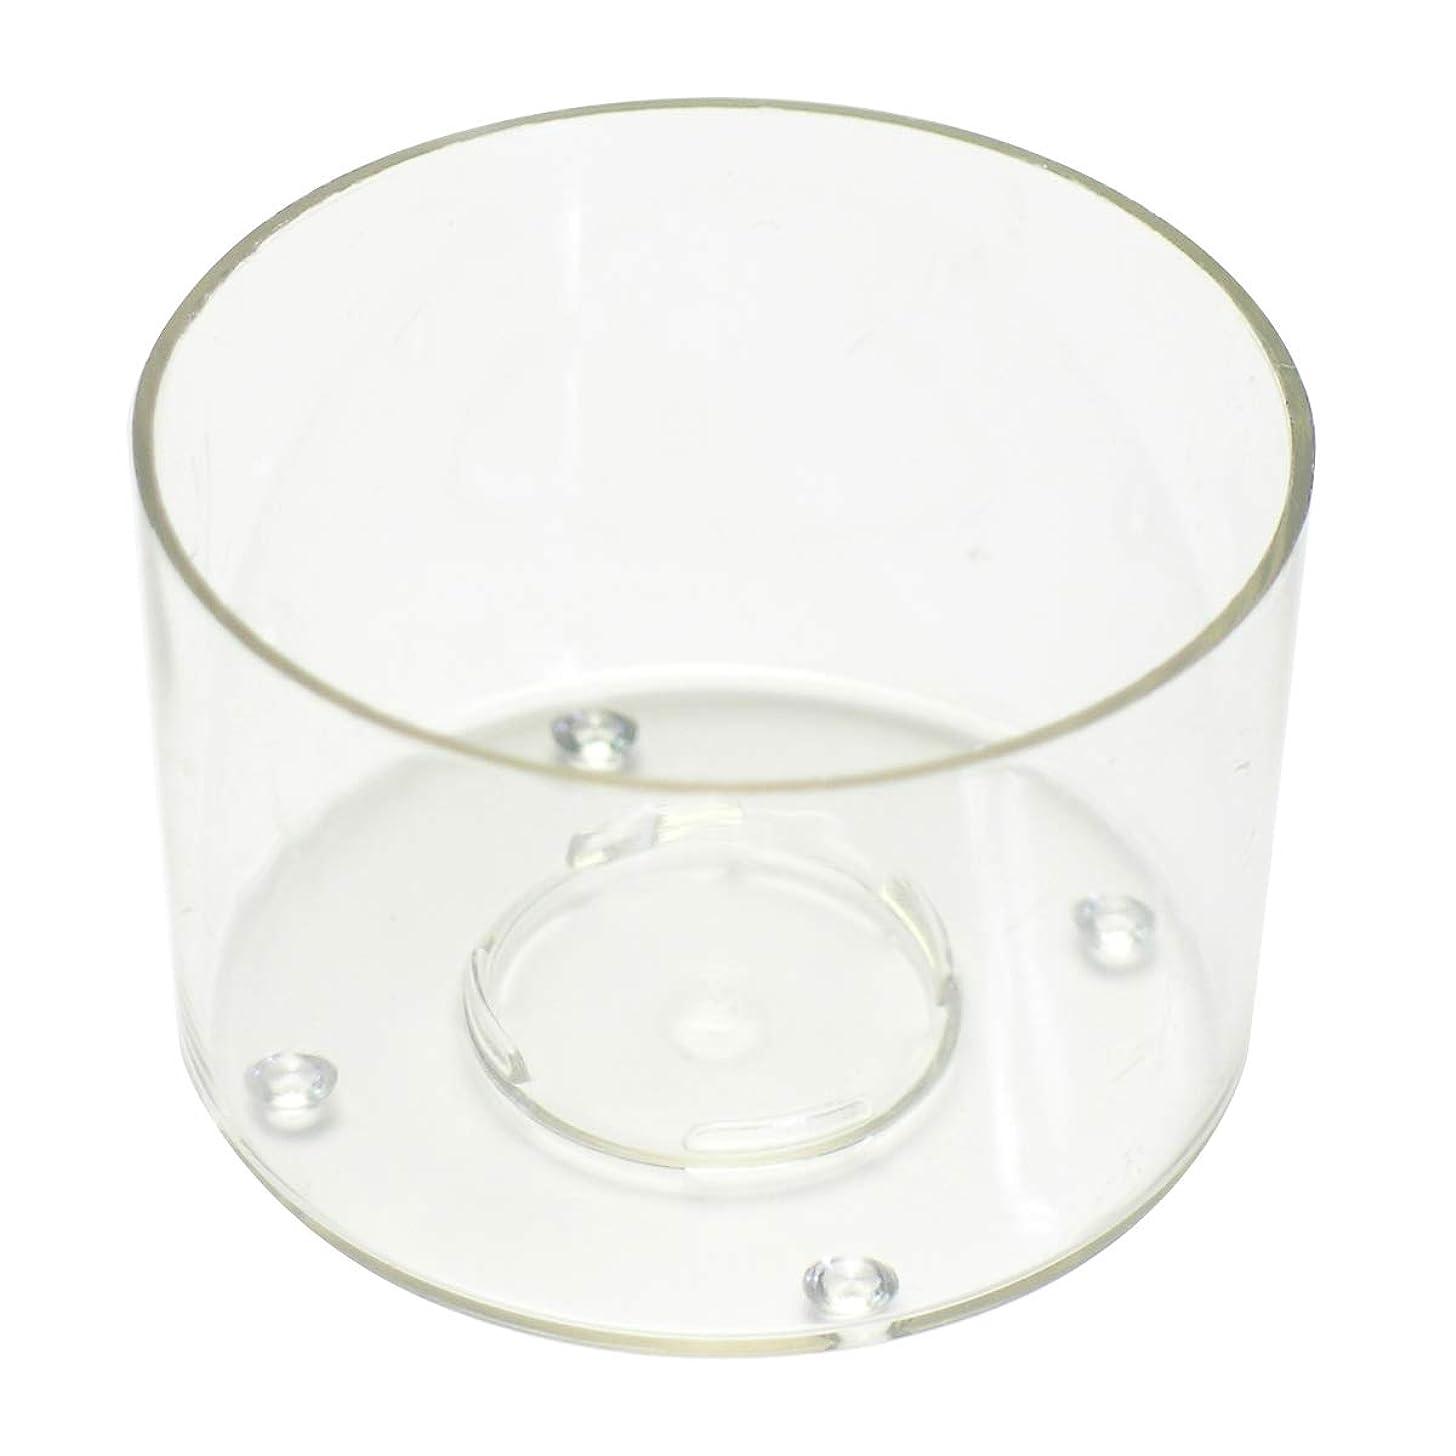 学生スキャンダル八ティーライトキャンドル用 クリアカップ 直径40mm×高さ26mm 20個入り 材料 手作り